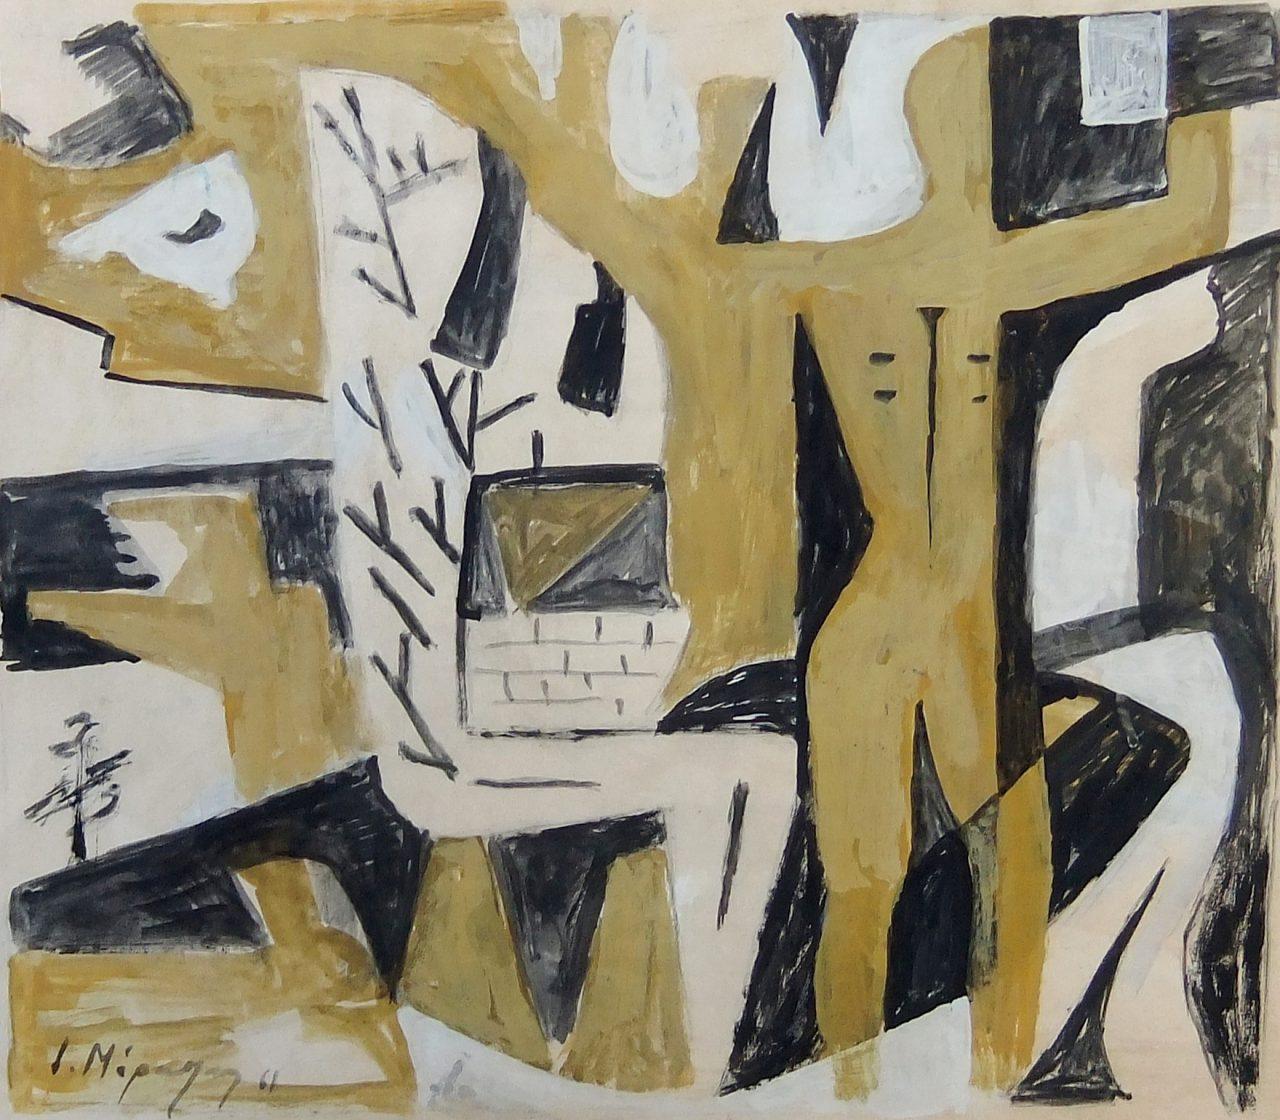 087. ΜΟΡΑΛΗΣ Γιάννης (1916-2010)